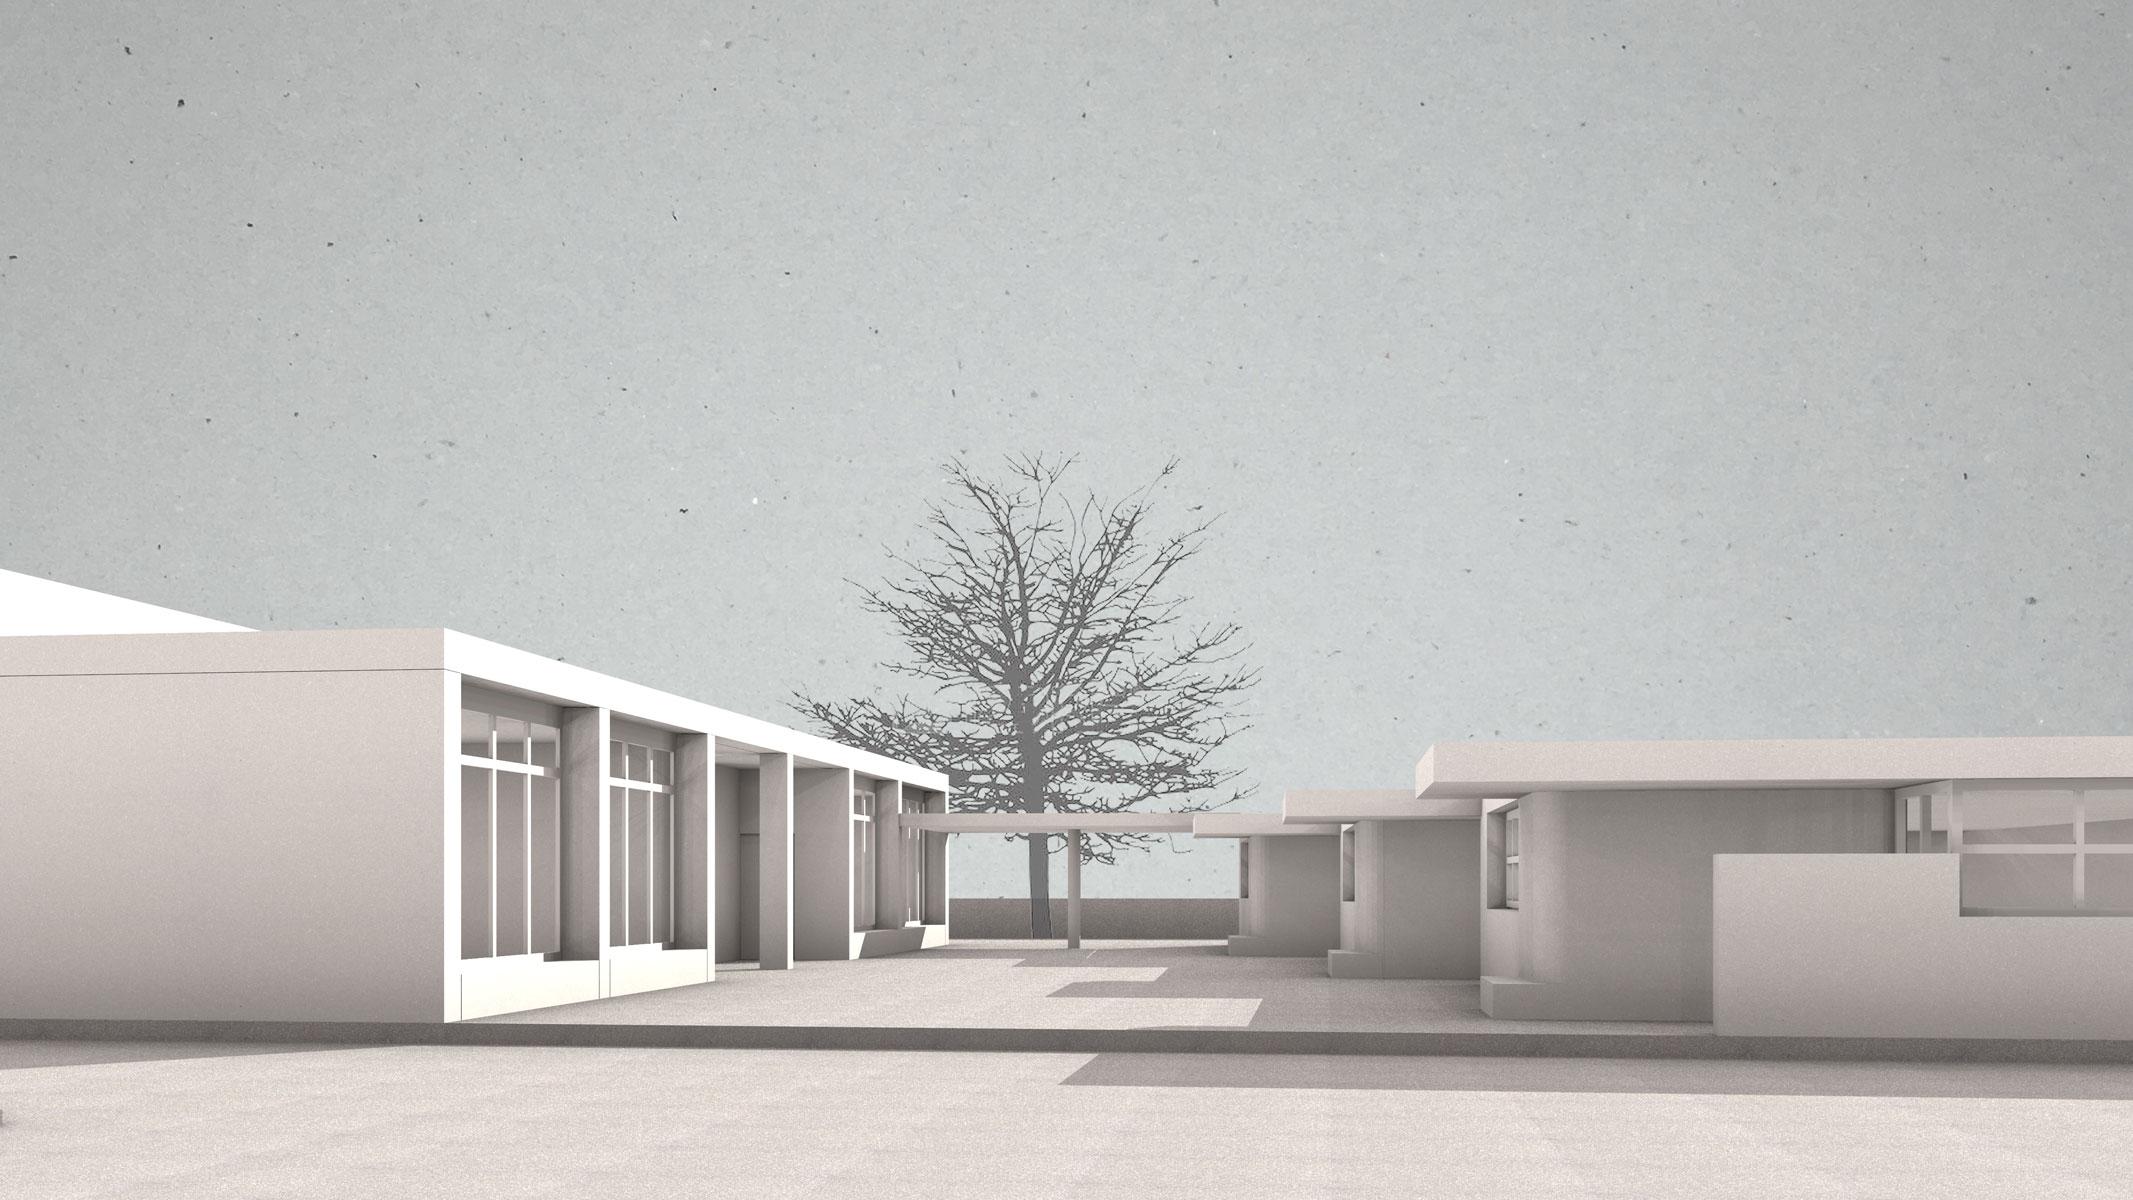 DetailsErweiterung Schulhaus Wiesenau, St. Margrethen Offener Wettbewerb  2017, 7. Preis